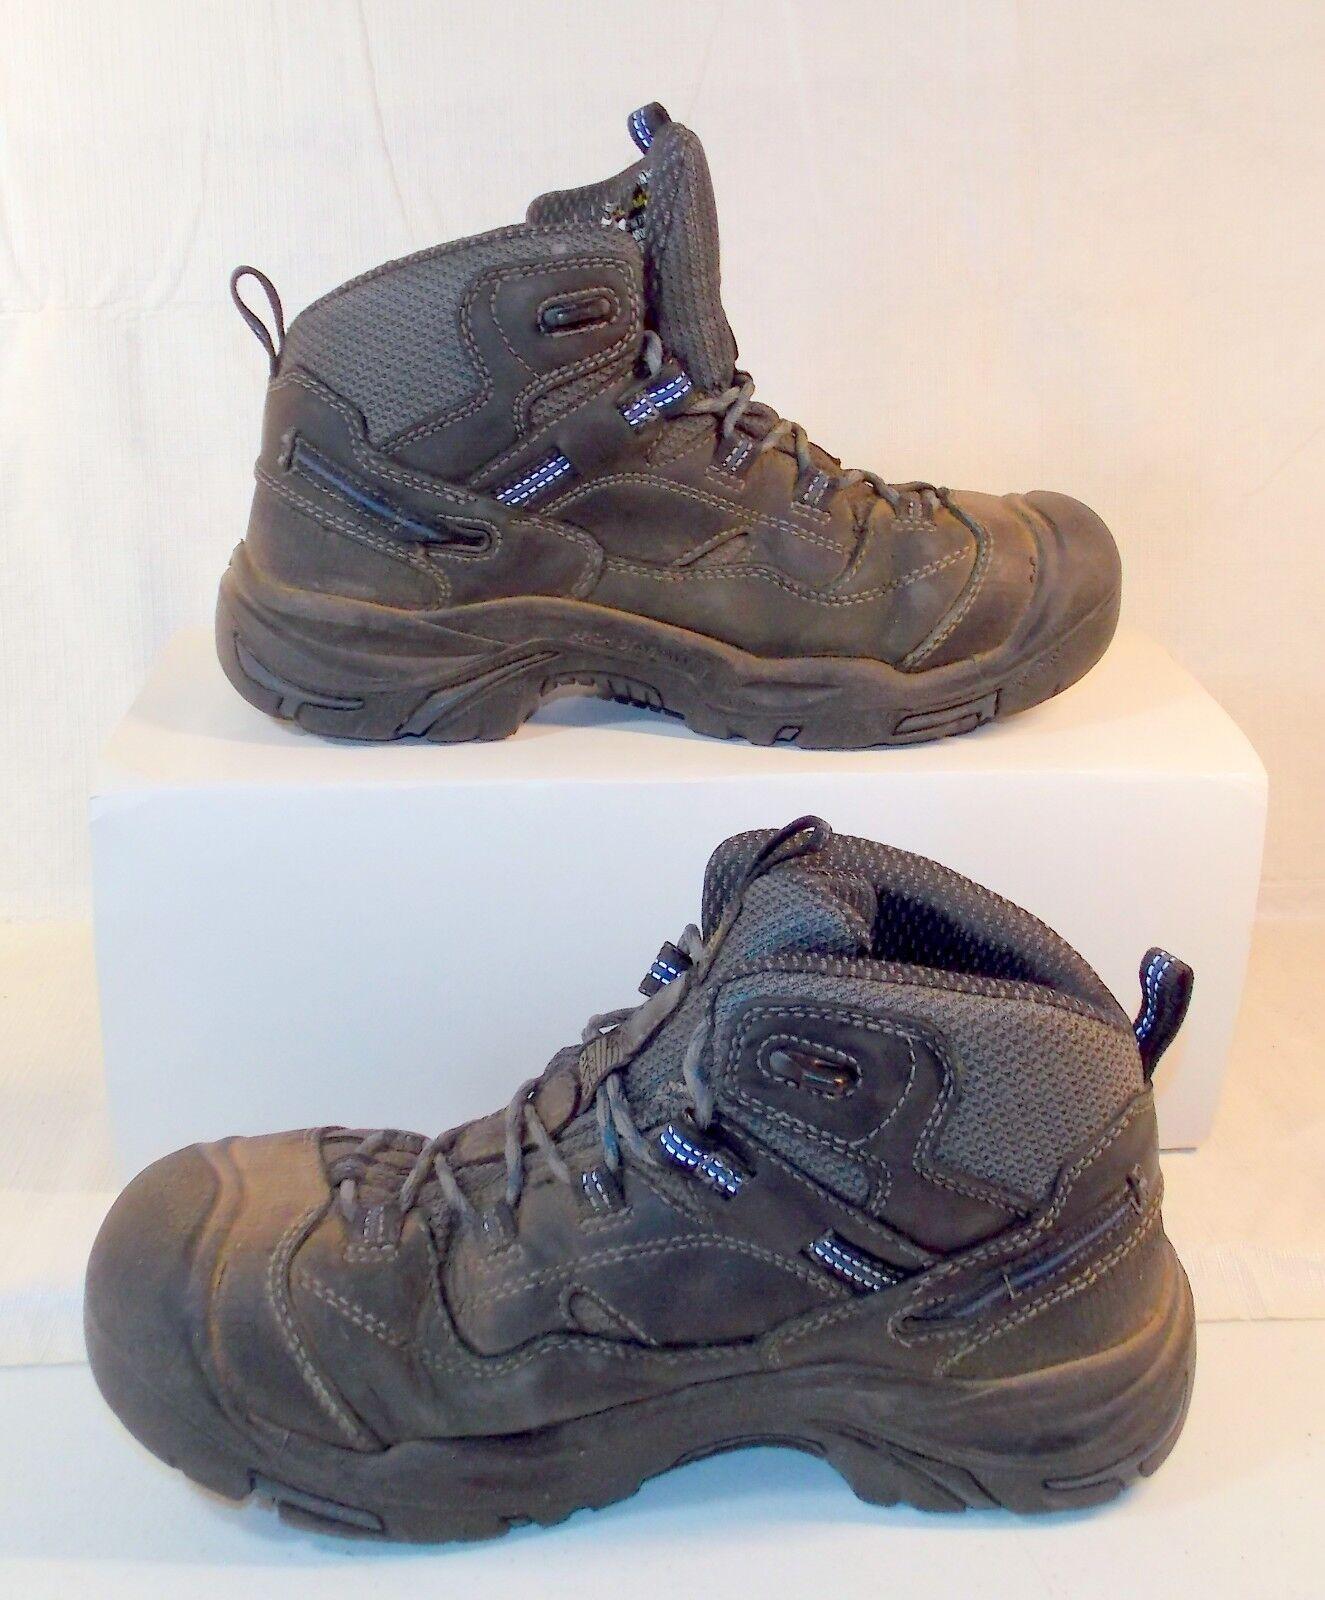 KEEN 1014605 Men's Braddock Mid Soft Toe Waterproof Work Boot US Size 8 D